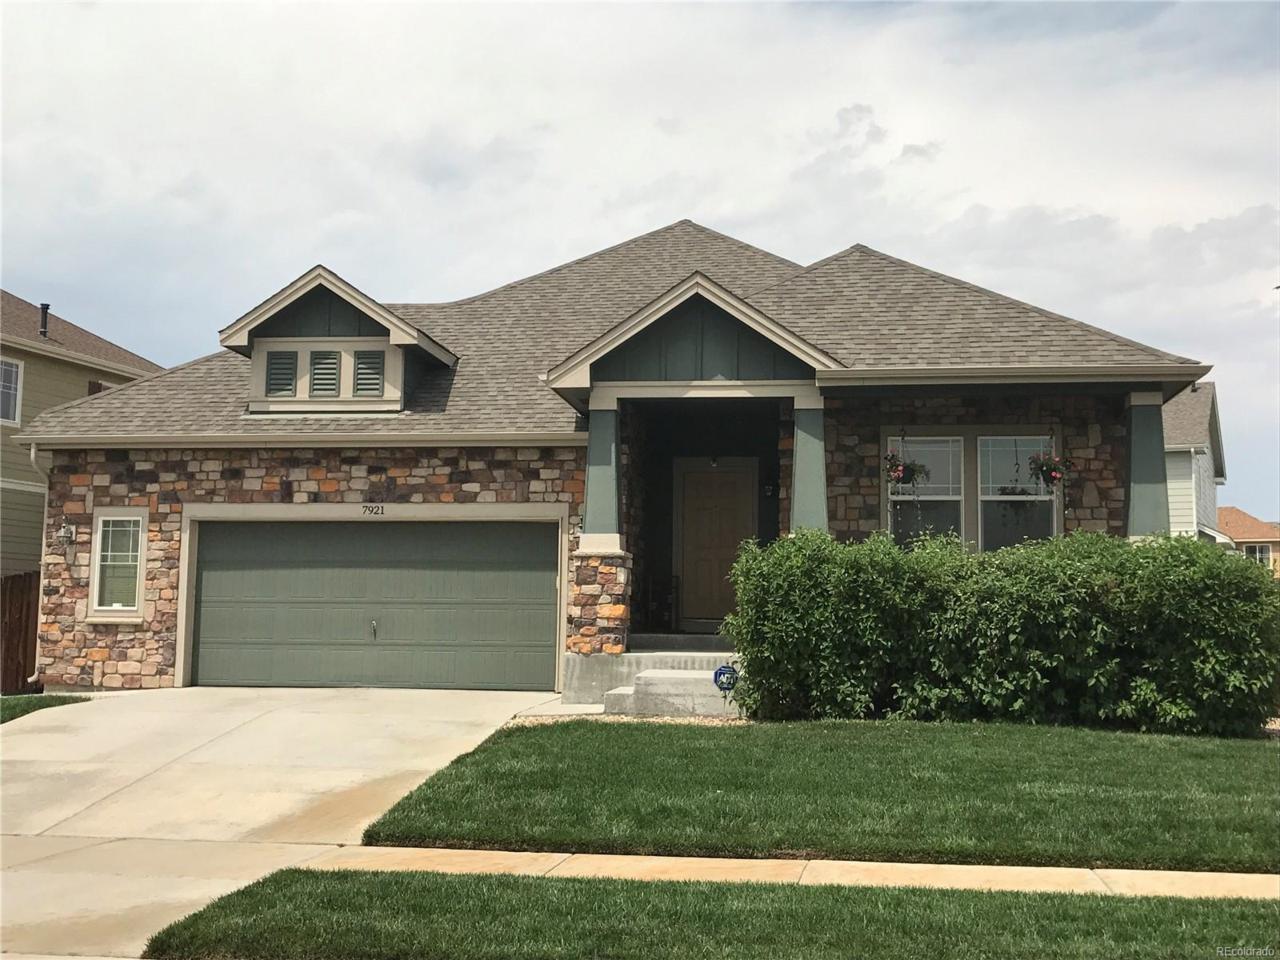 7921 E 134th Avenue, Thornton, CO 80602 (MLS #2773790) :: 8z Real Estate